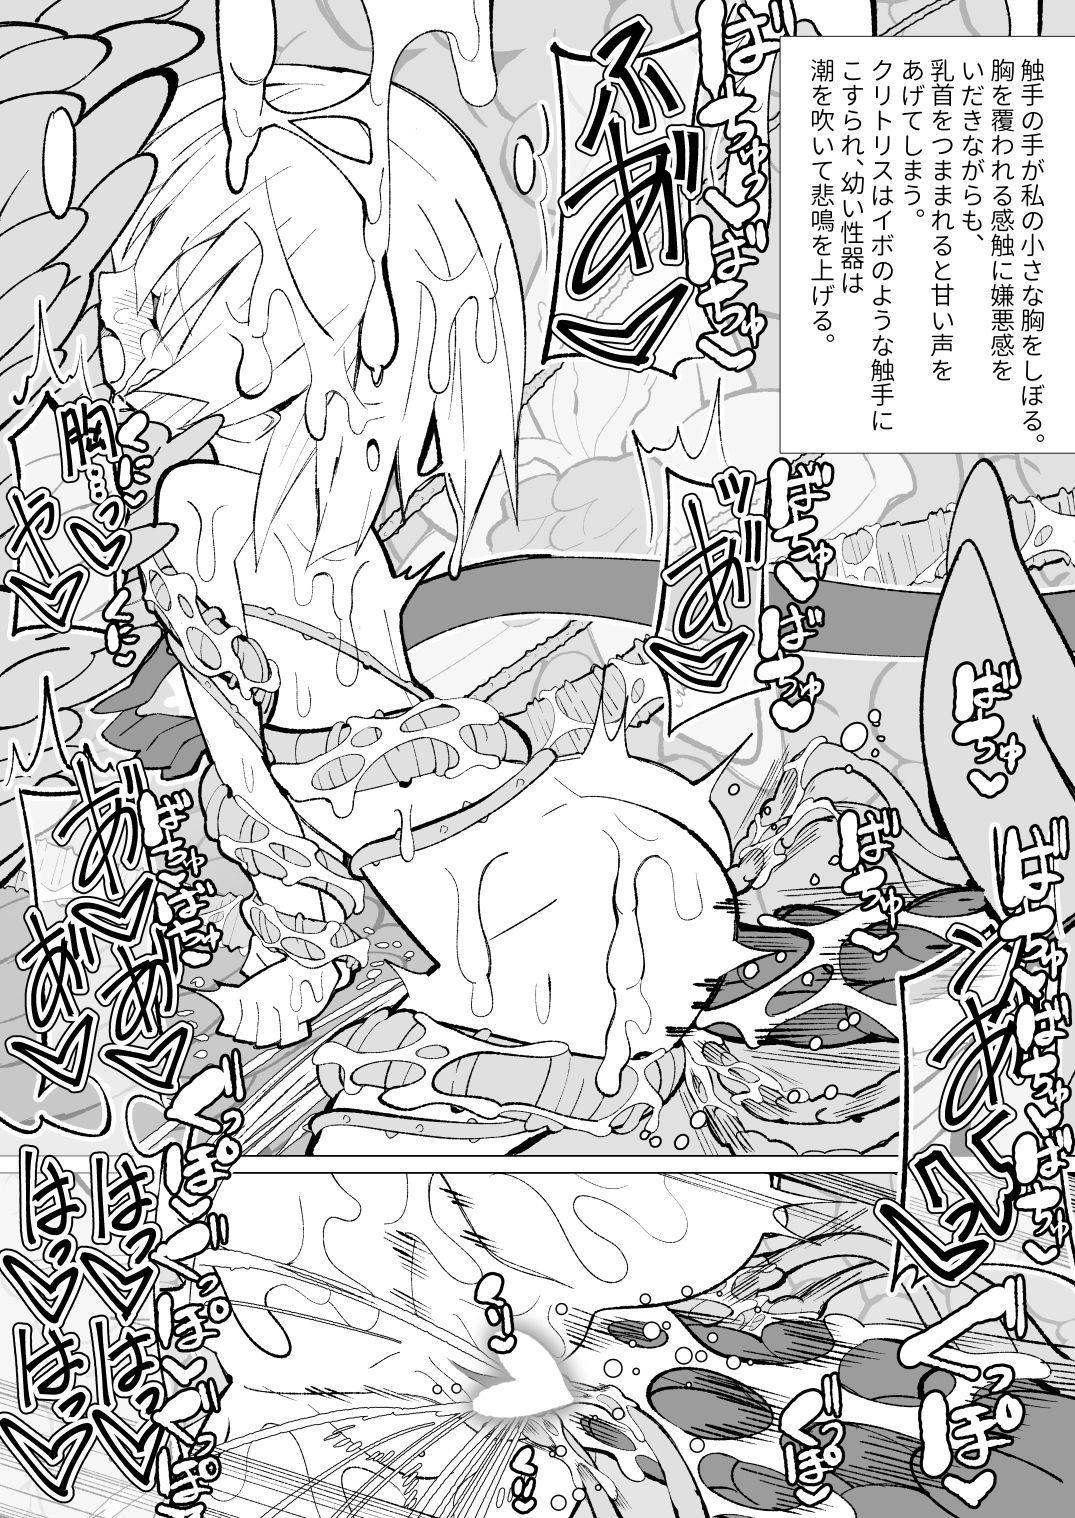 Ishu kan fūzoku-gai3 shokubutsu shokushu × rori 84